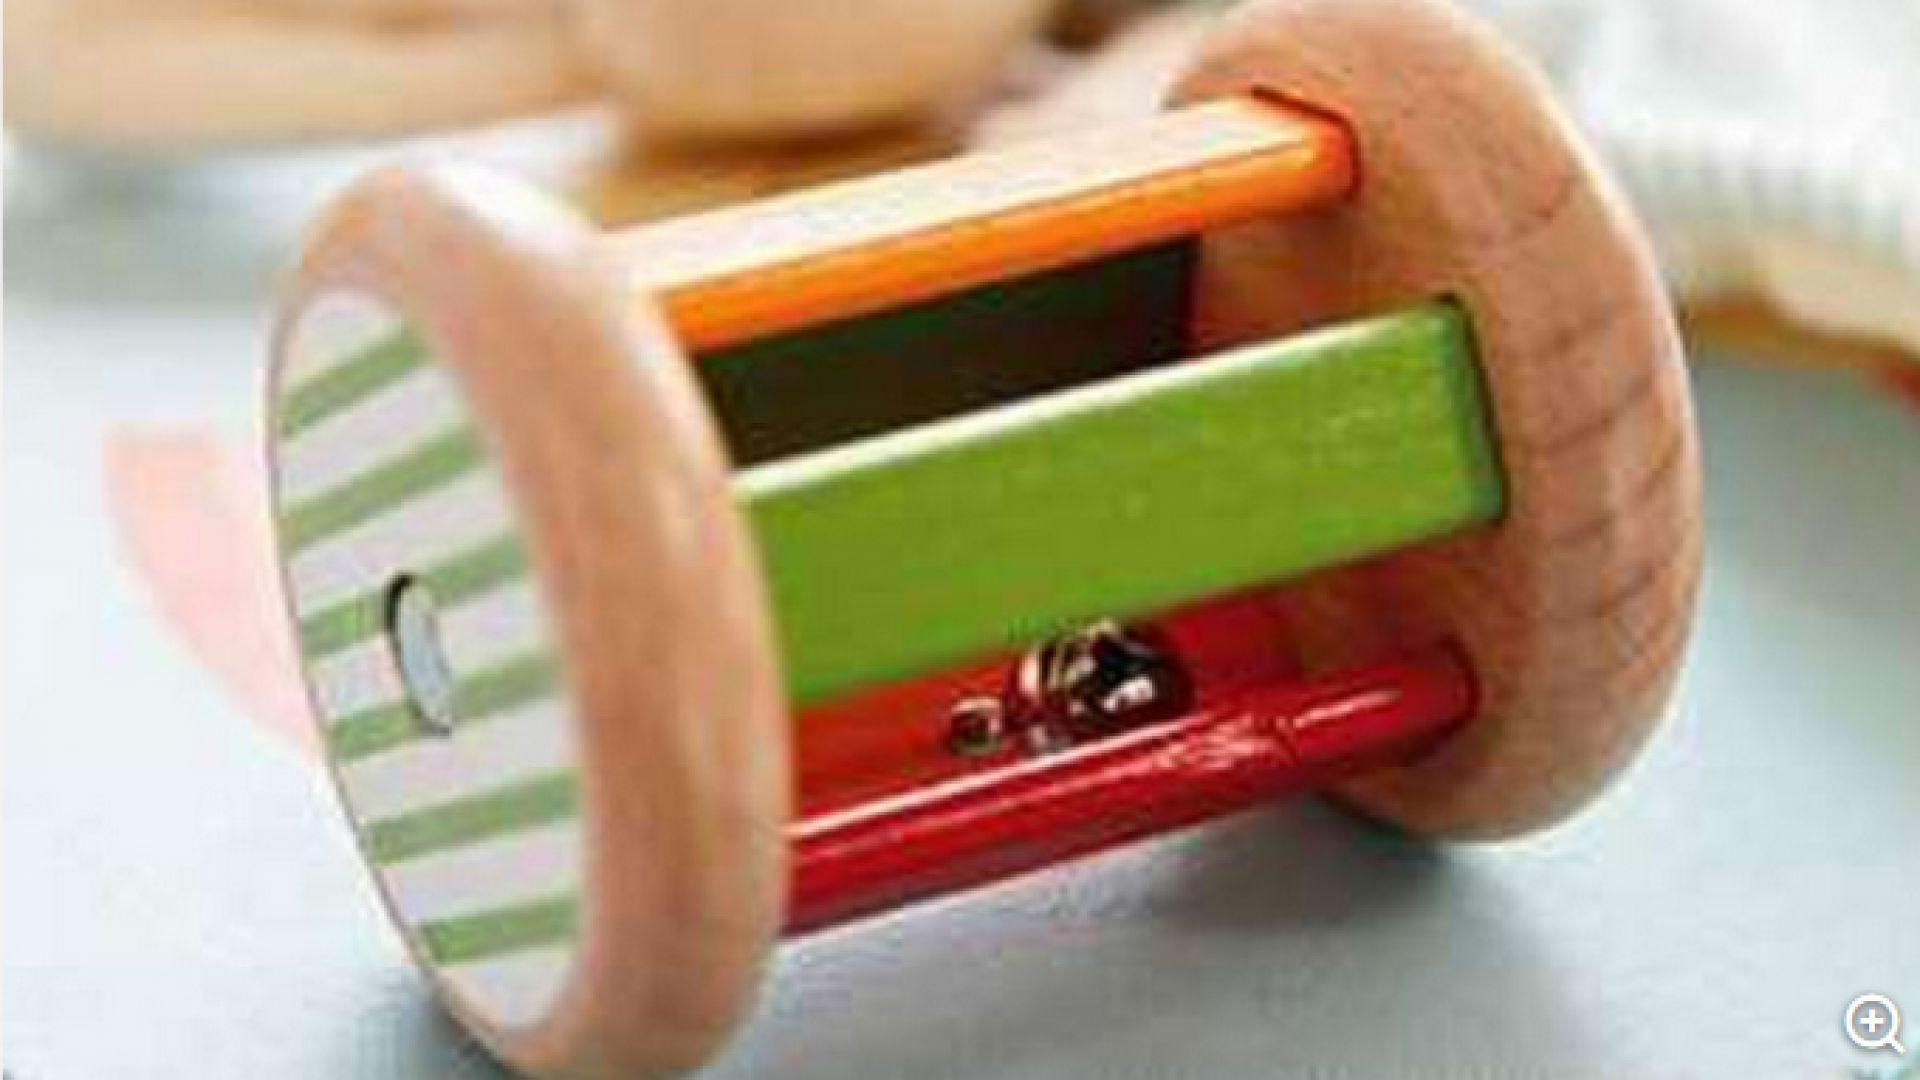 Снимка: Изтеглят от продажба бебешка играчка заради риск от задушаване